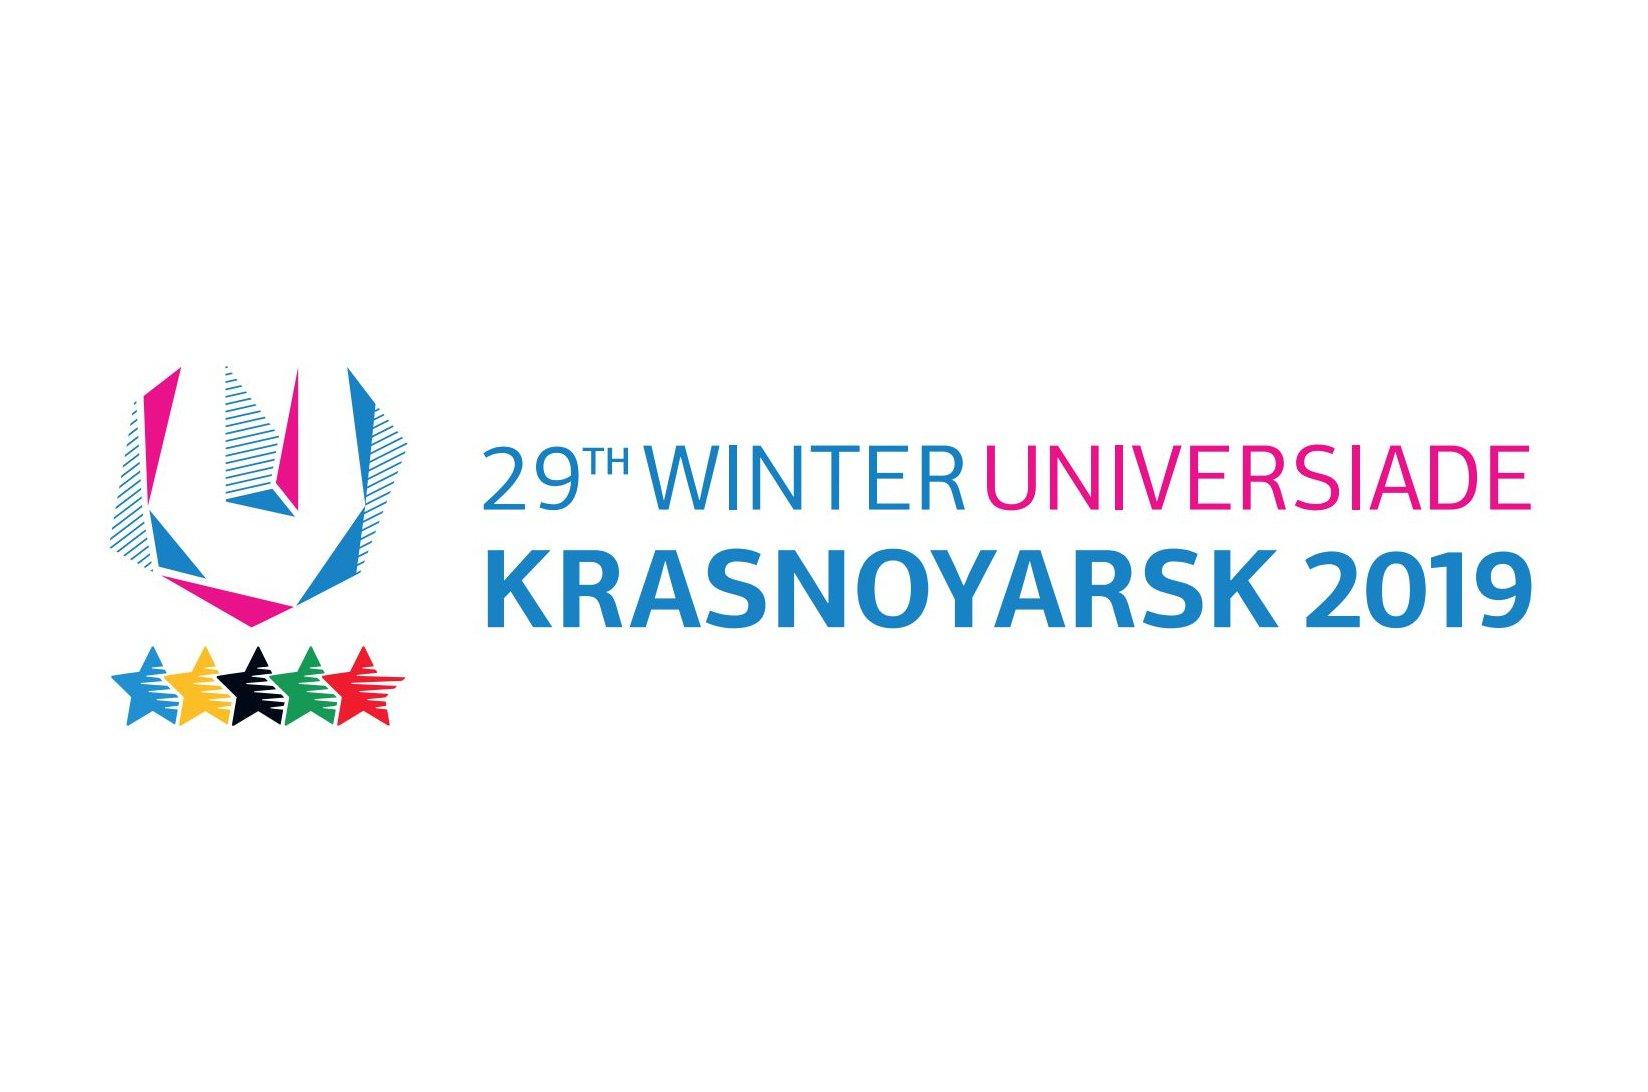 XXIX Всемирная зимняя универсиада 2019 года в г.Красноярск